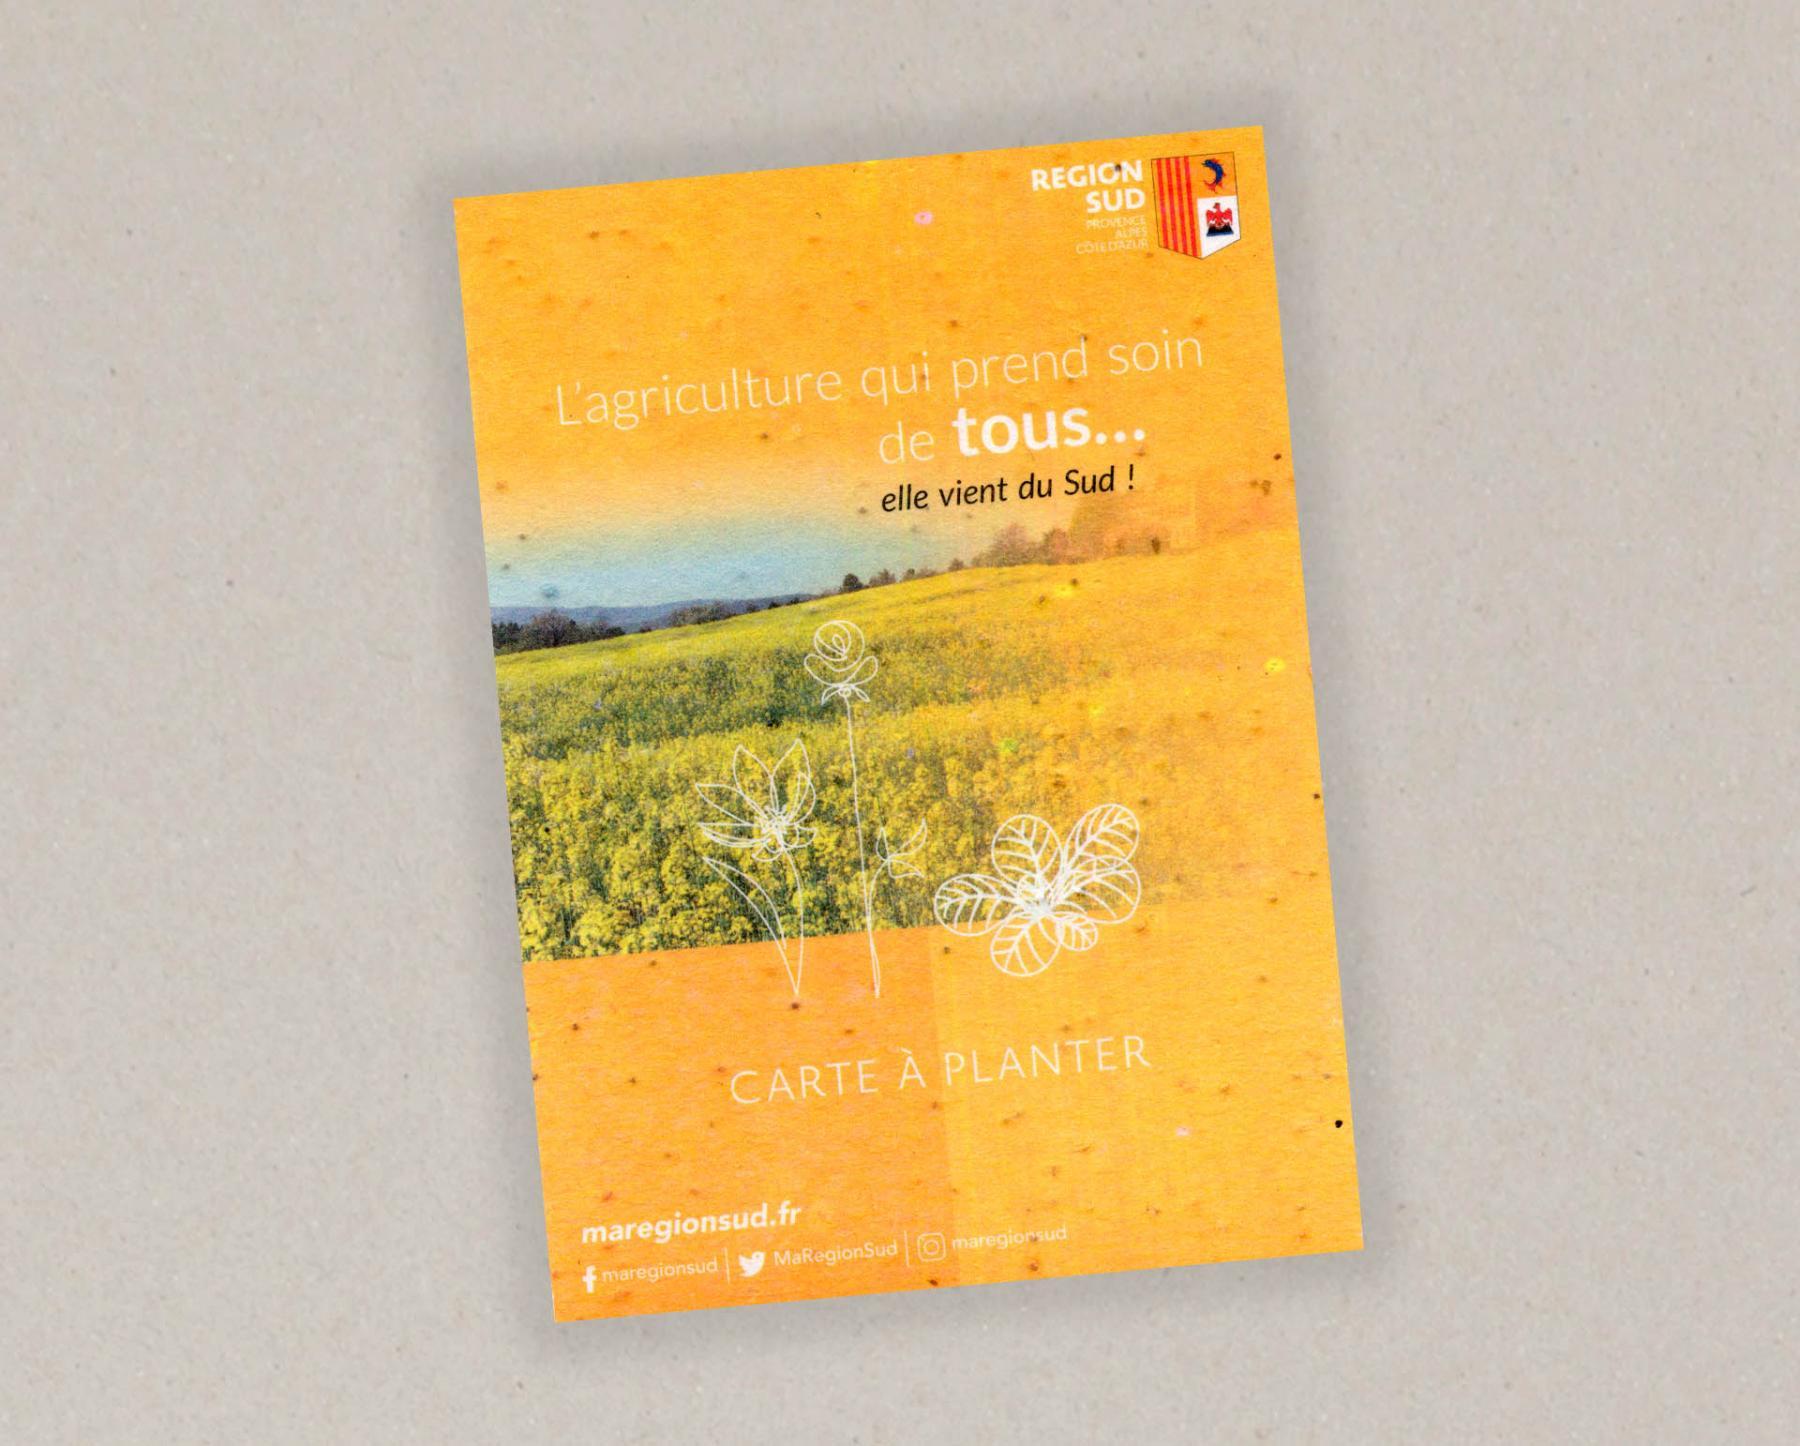 Papel con semillas realizado para Region Sud cara A